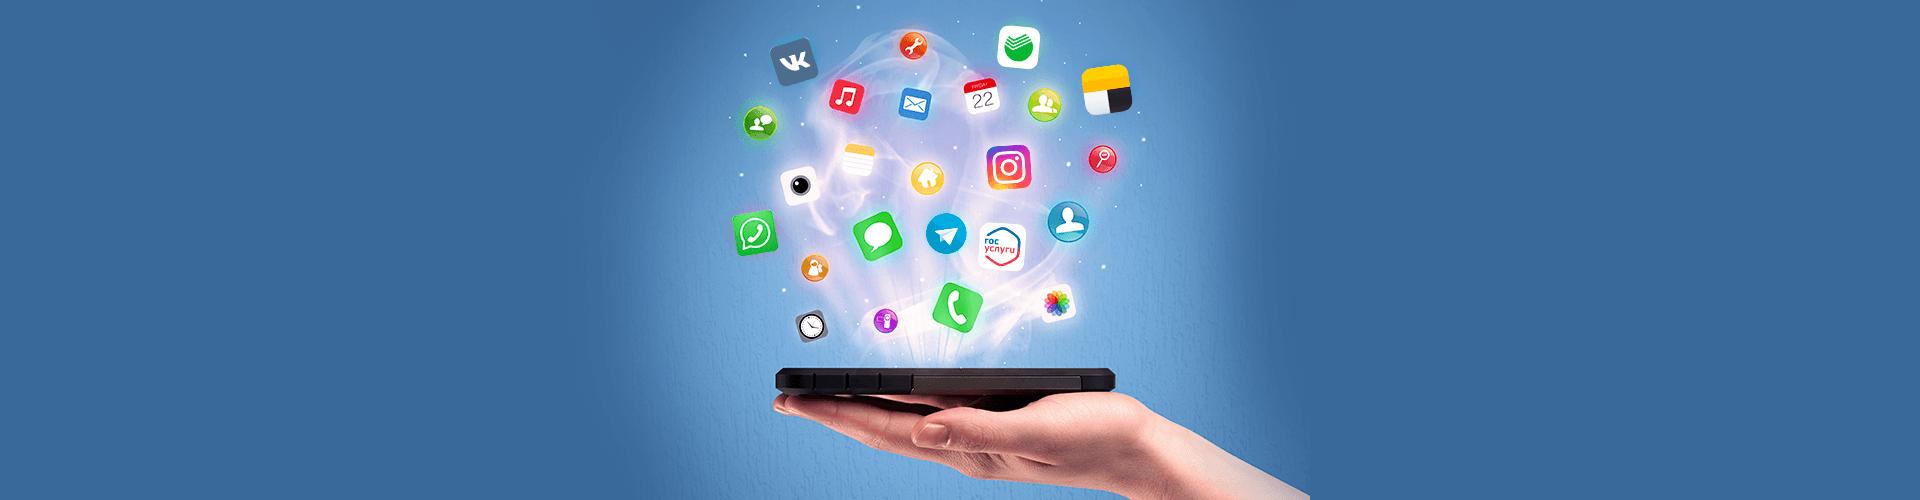 телефон, приложения